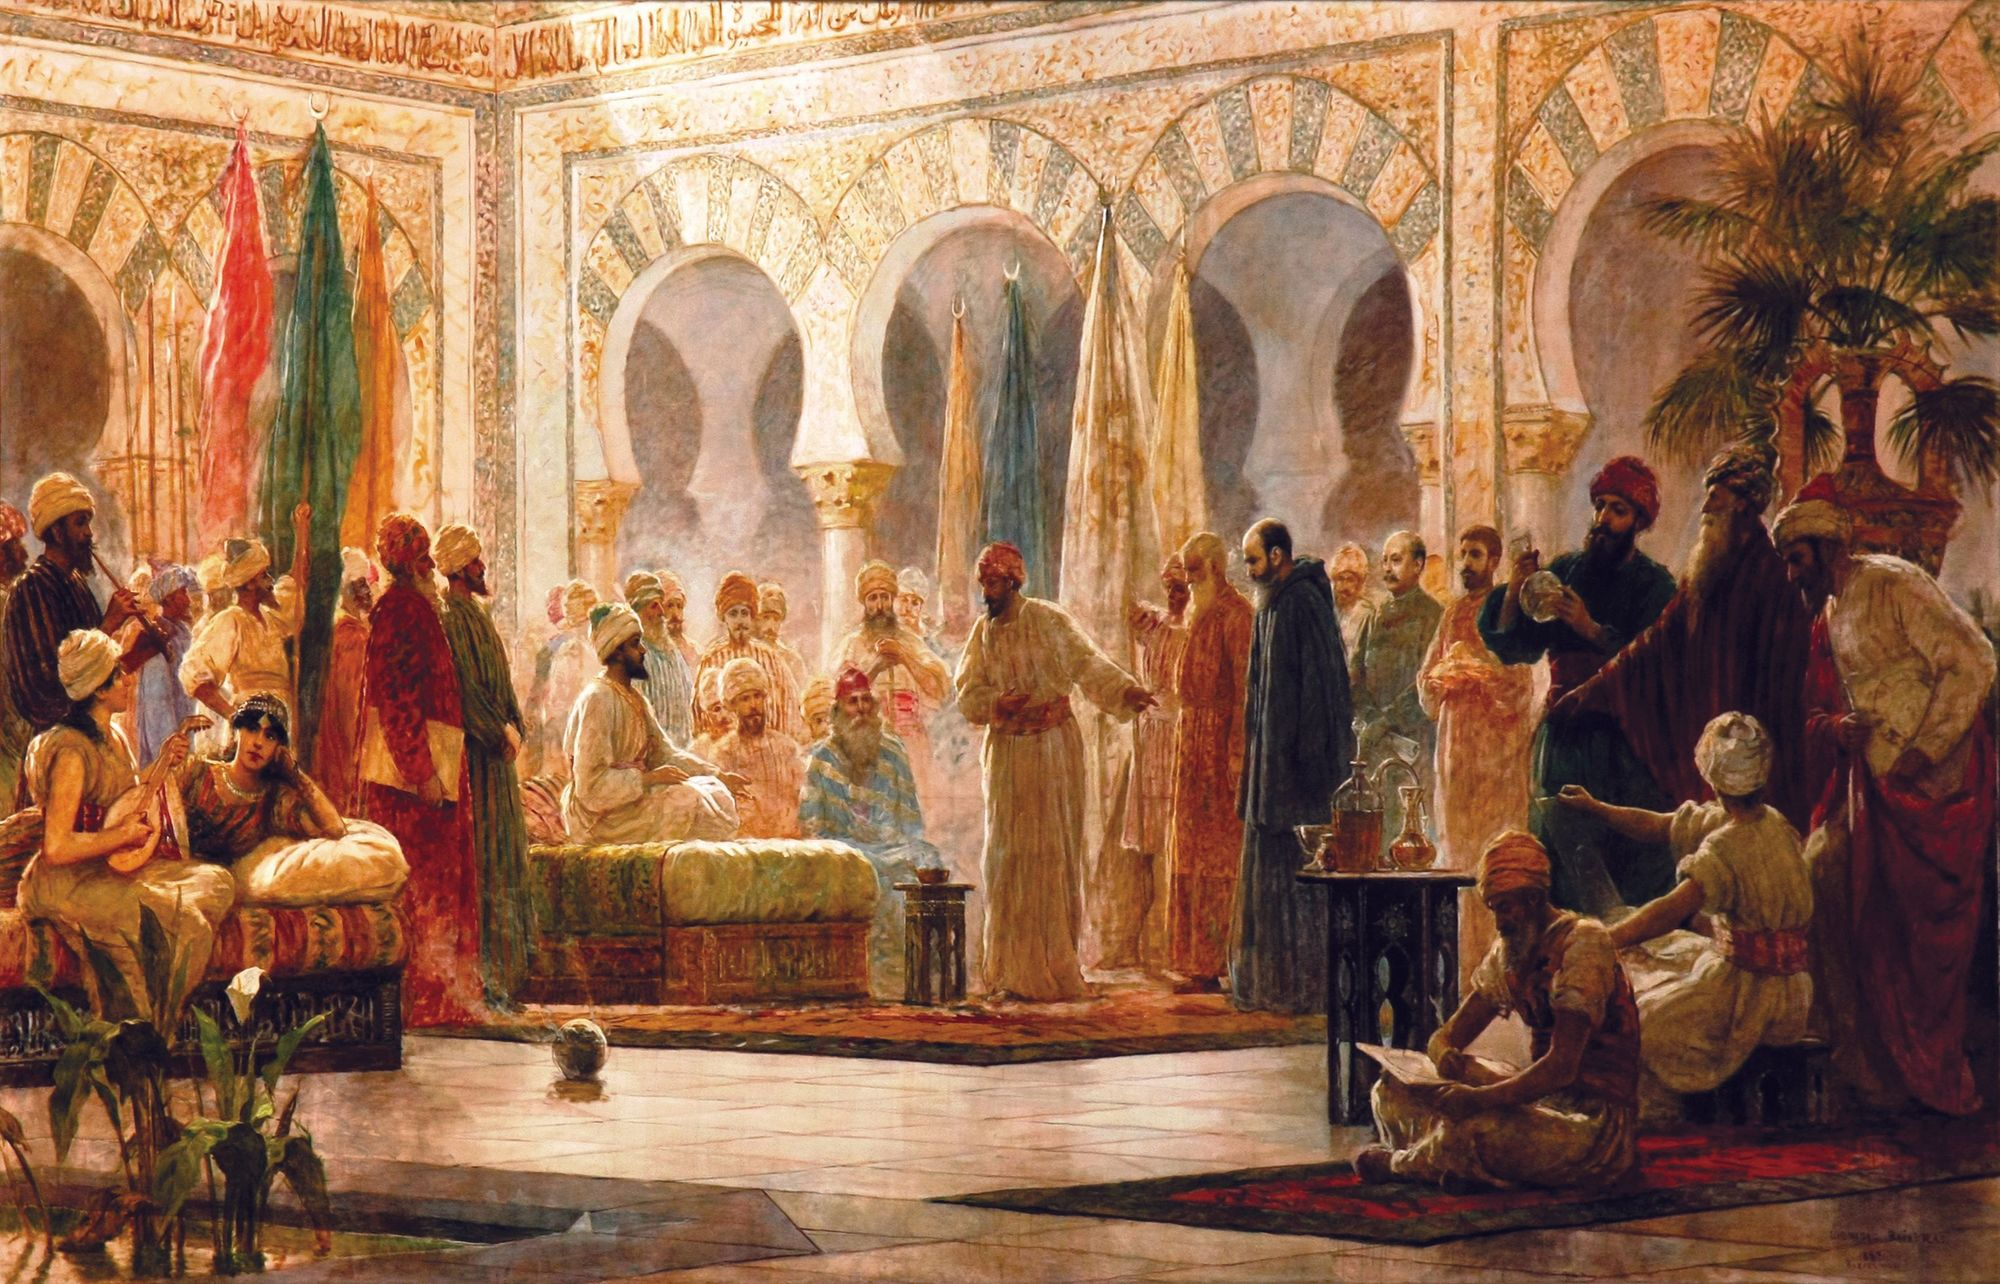 Dionisio Baixeras Verdaguer, Abd-ar-Rahman III y su corte en Medina Azahara, 1885.